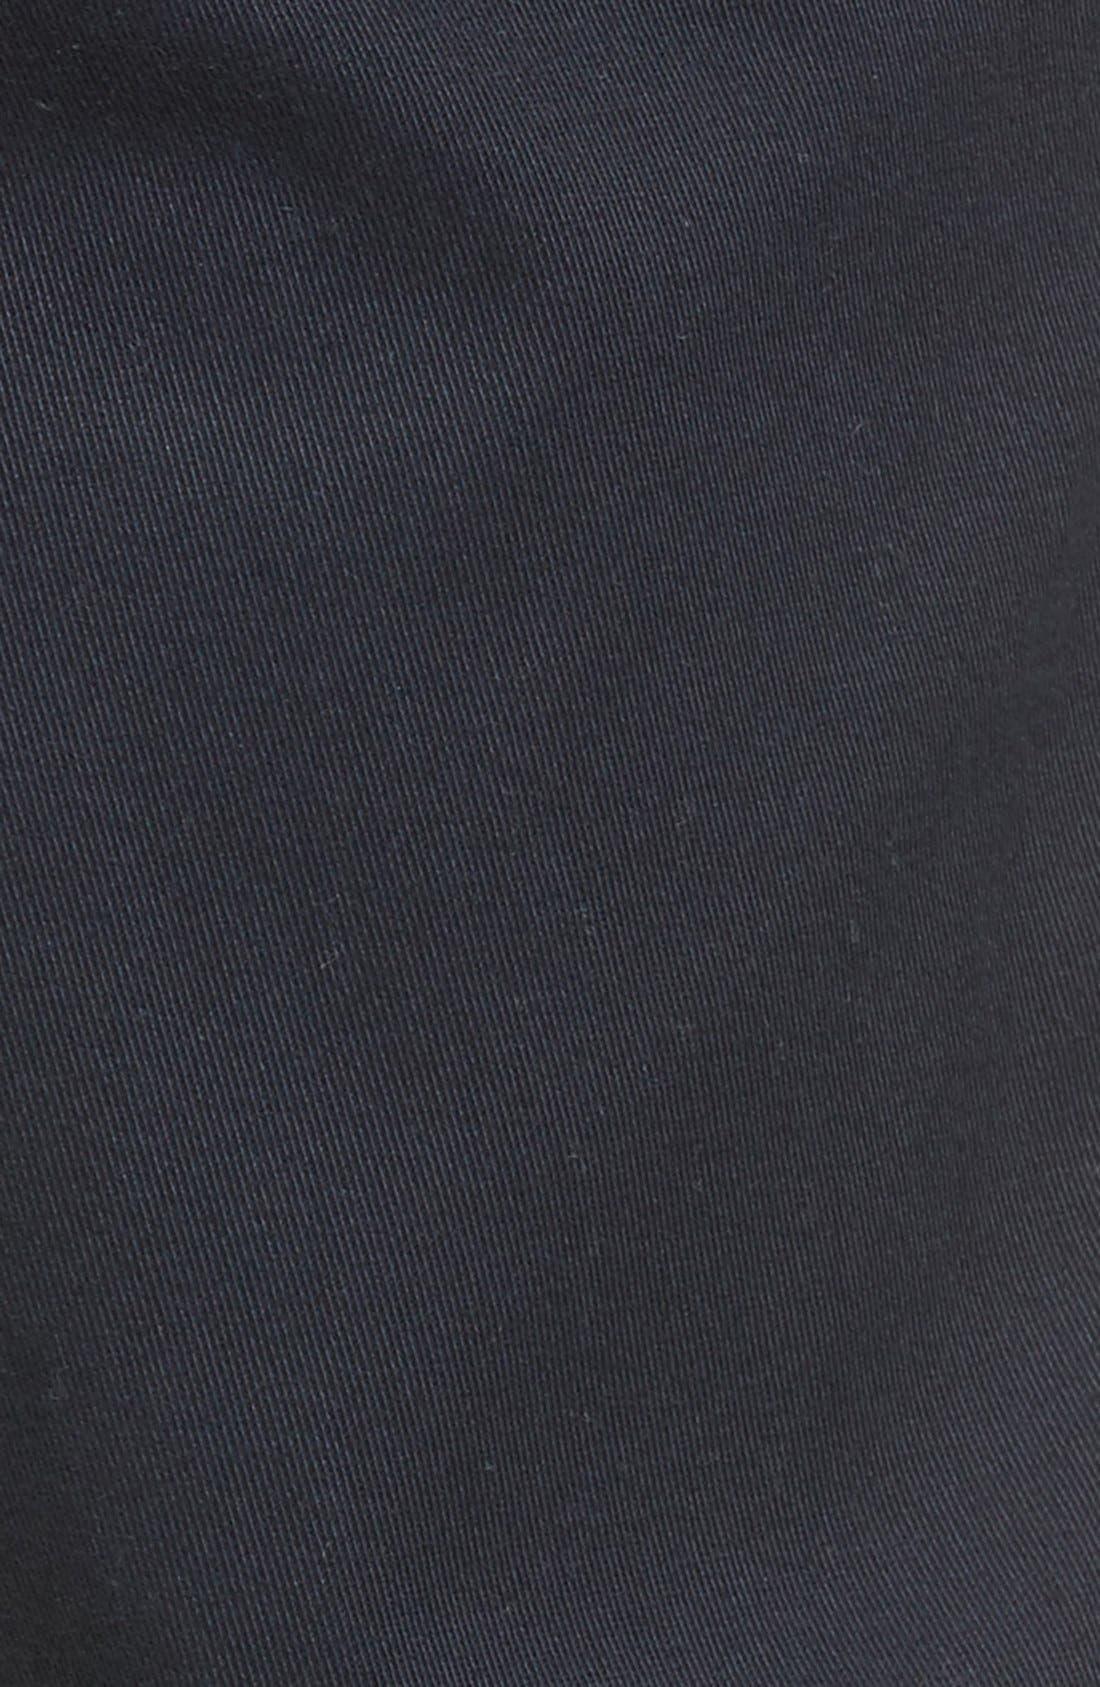 Alternate Image 5  - Vince Soho Slim Fit Five-Pocket Pants